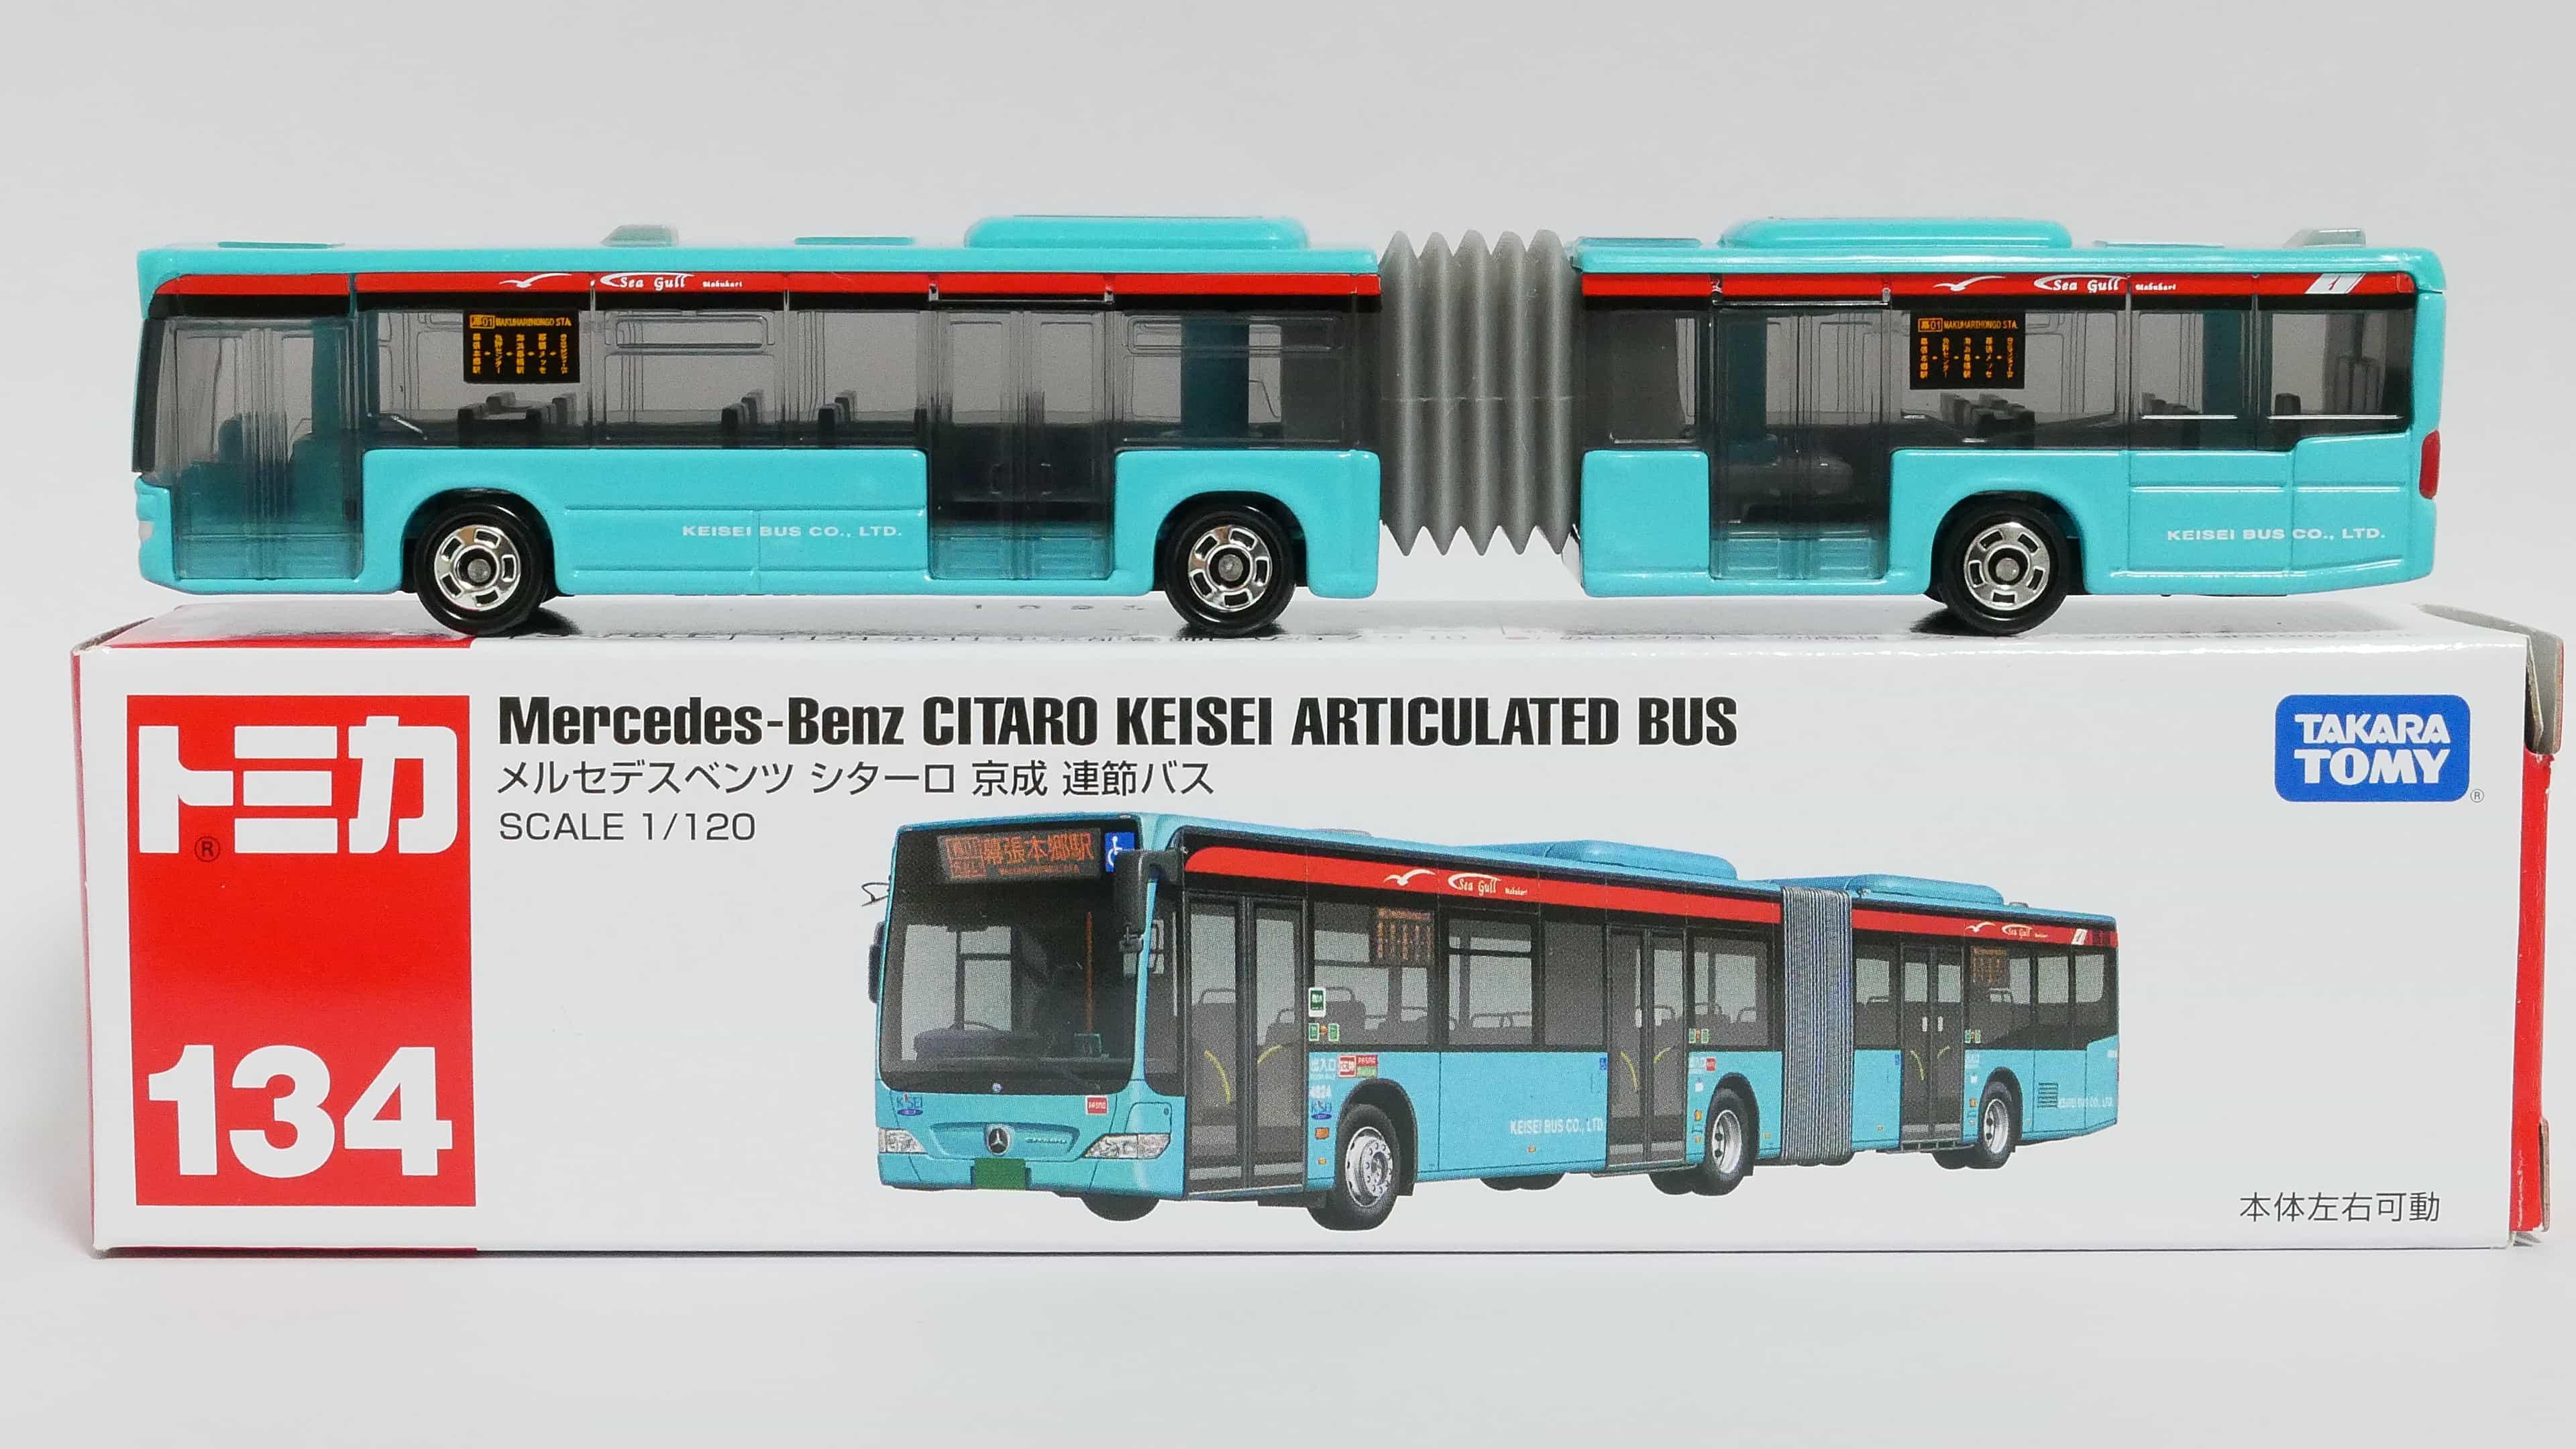 ロングタイプトミカNo.134-2メルセデスベンツシターロ京成連節バス-箱